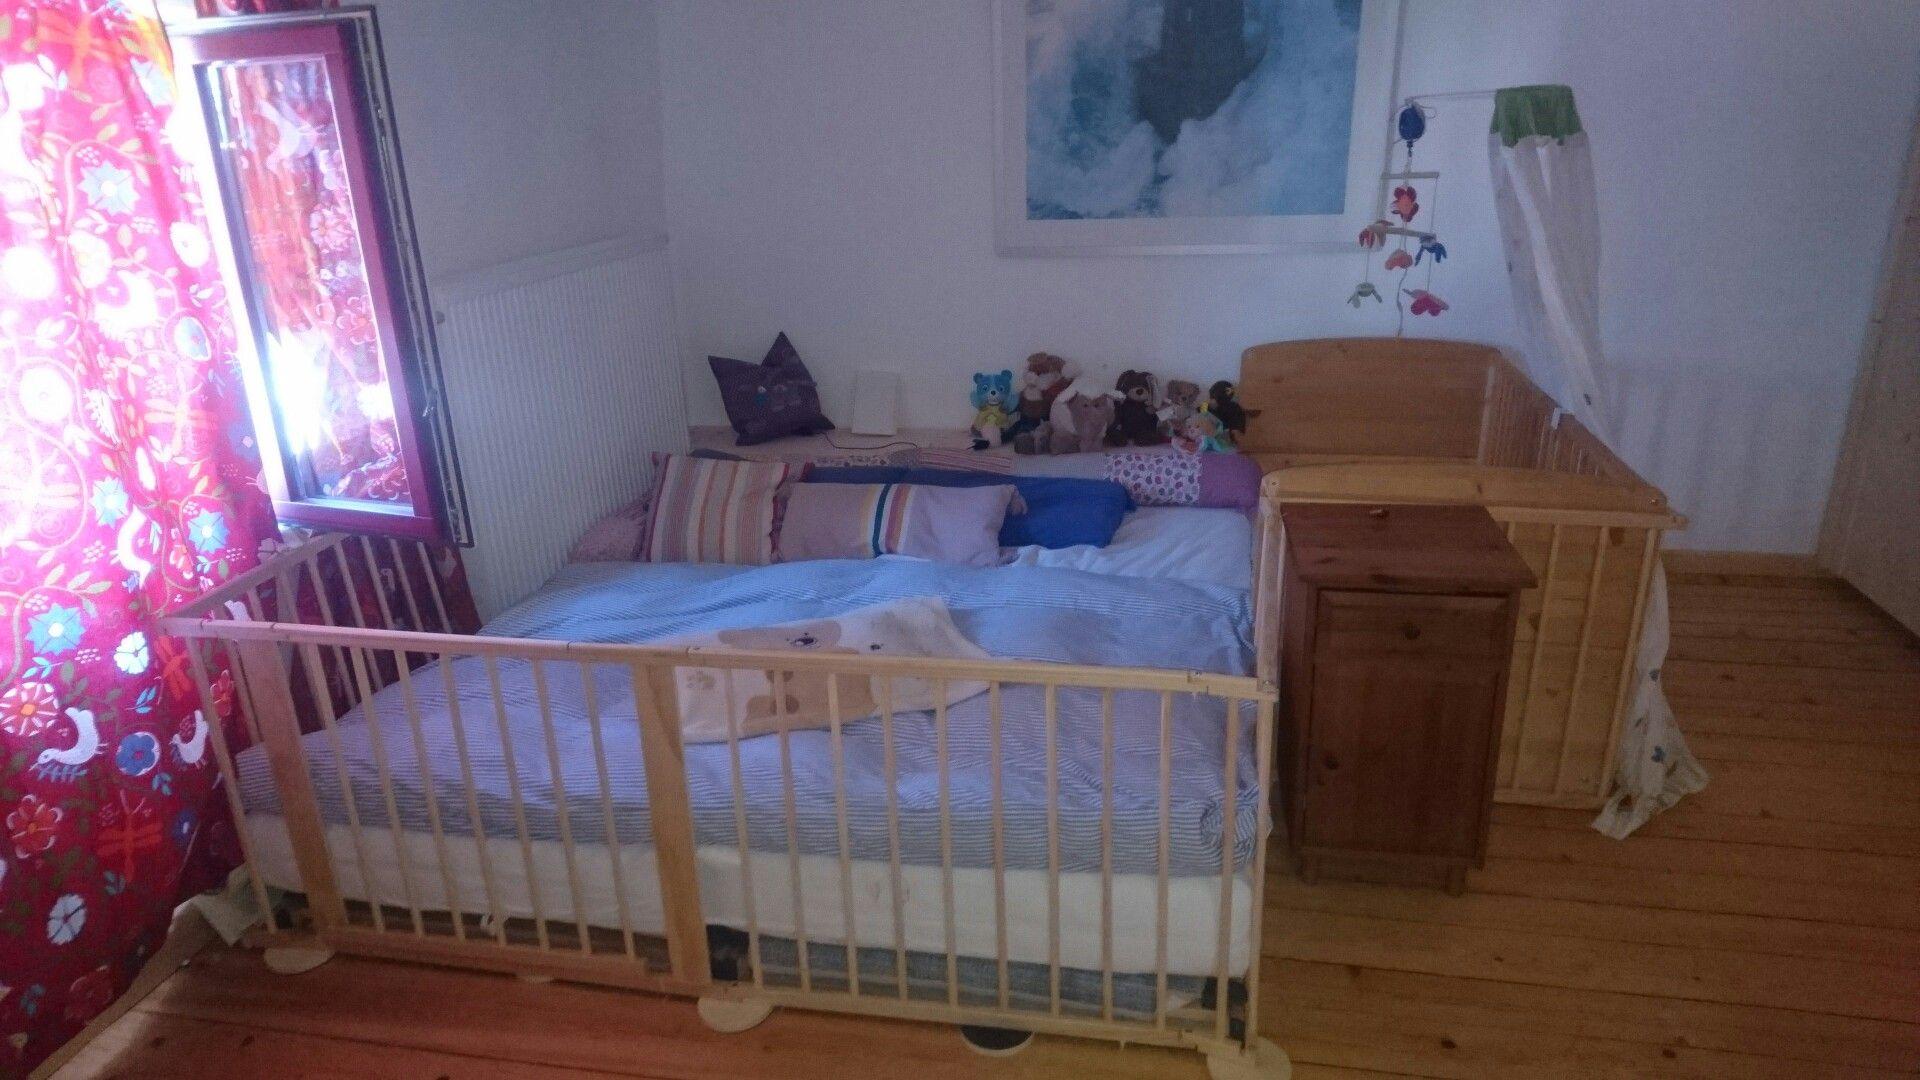 Sehr Familienbett für Krabbelkind, mit rundum Laufgitter | Baby&Me KP42